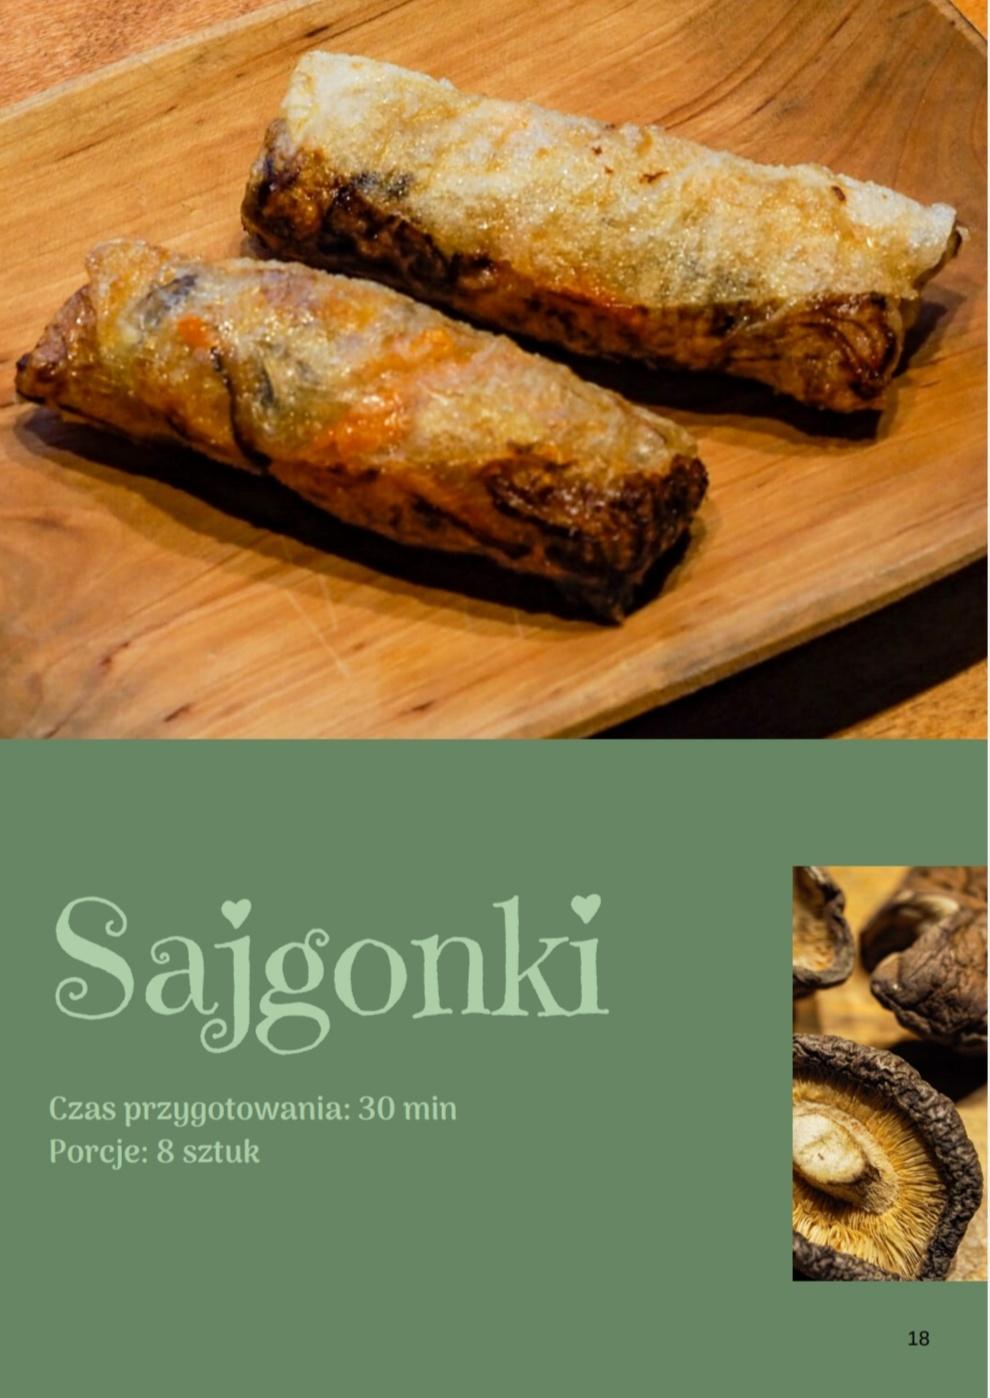 WhatsApp Image 2020 06 10 at 11.33.16 2 - Tajska kuchnia w pigułce e-book